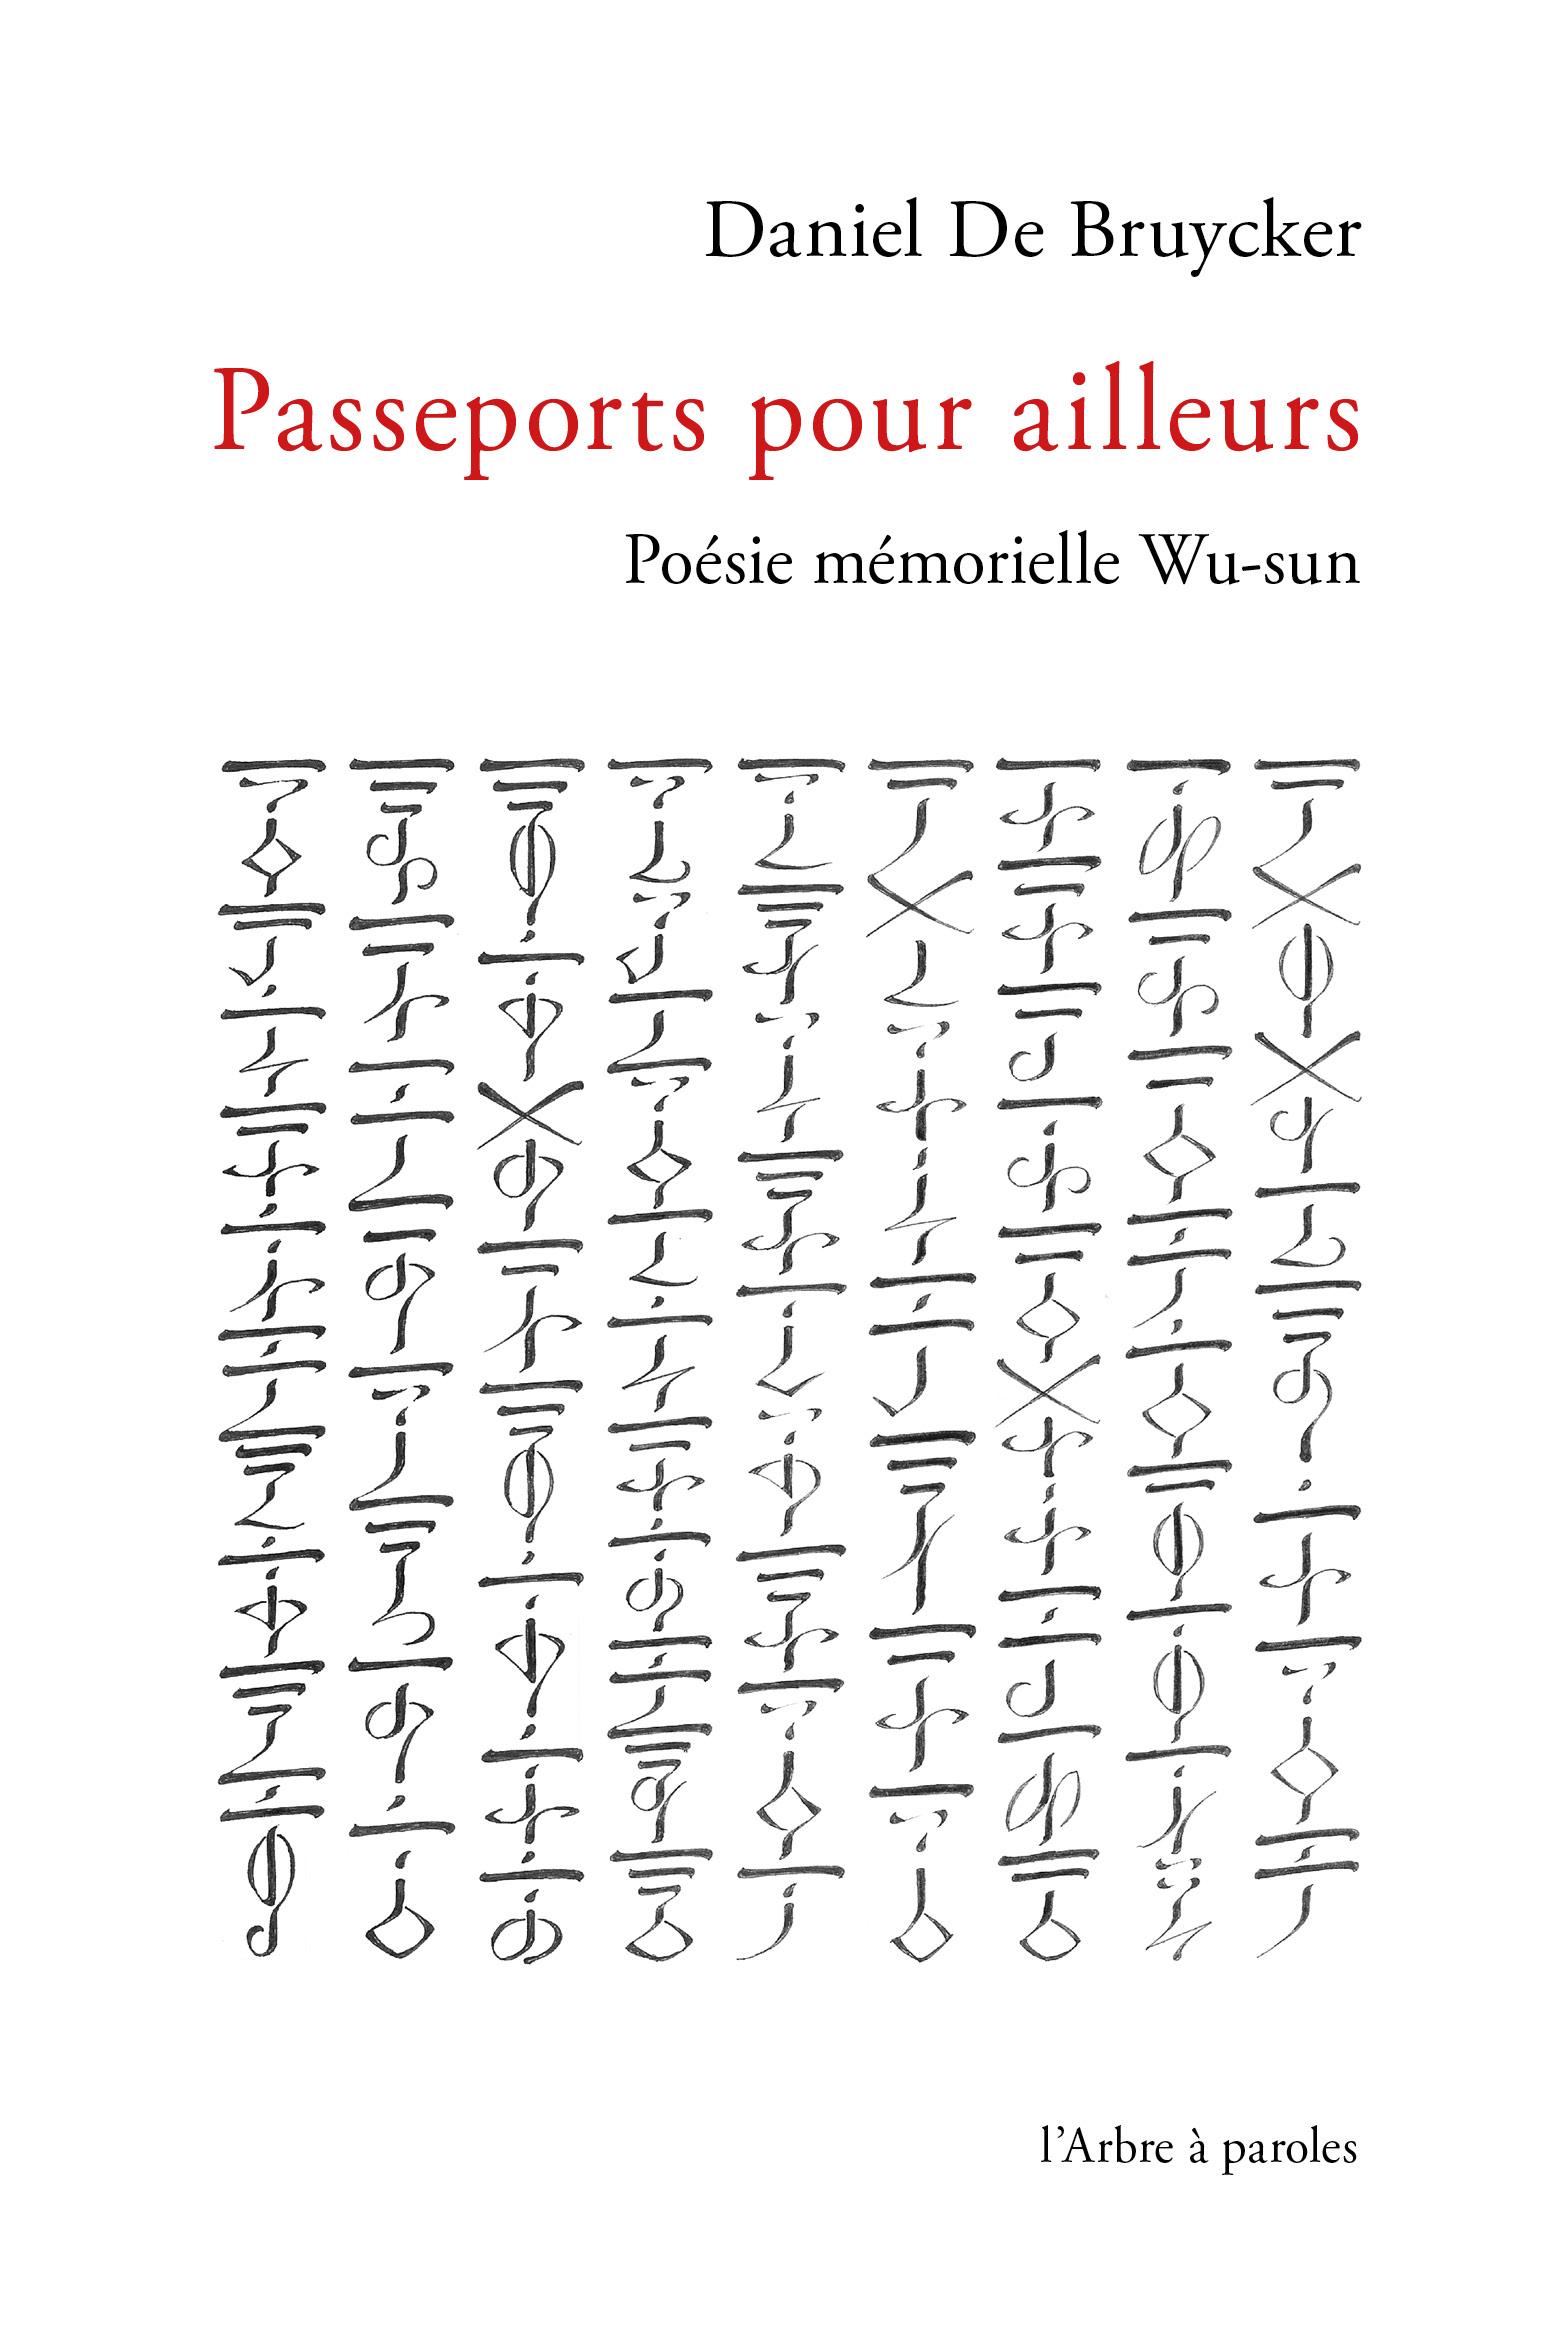 Passeports pour ailleurs